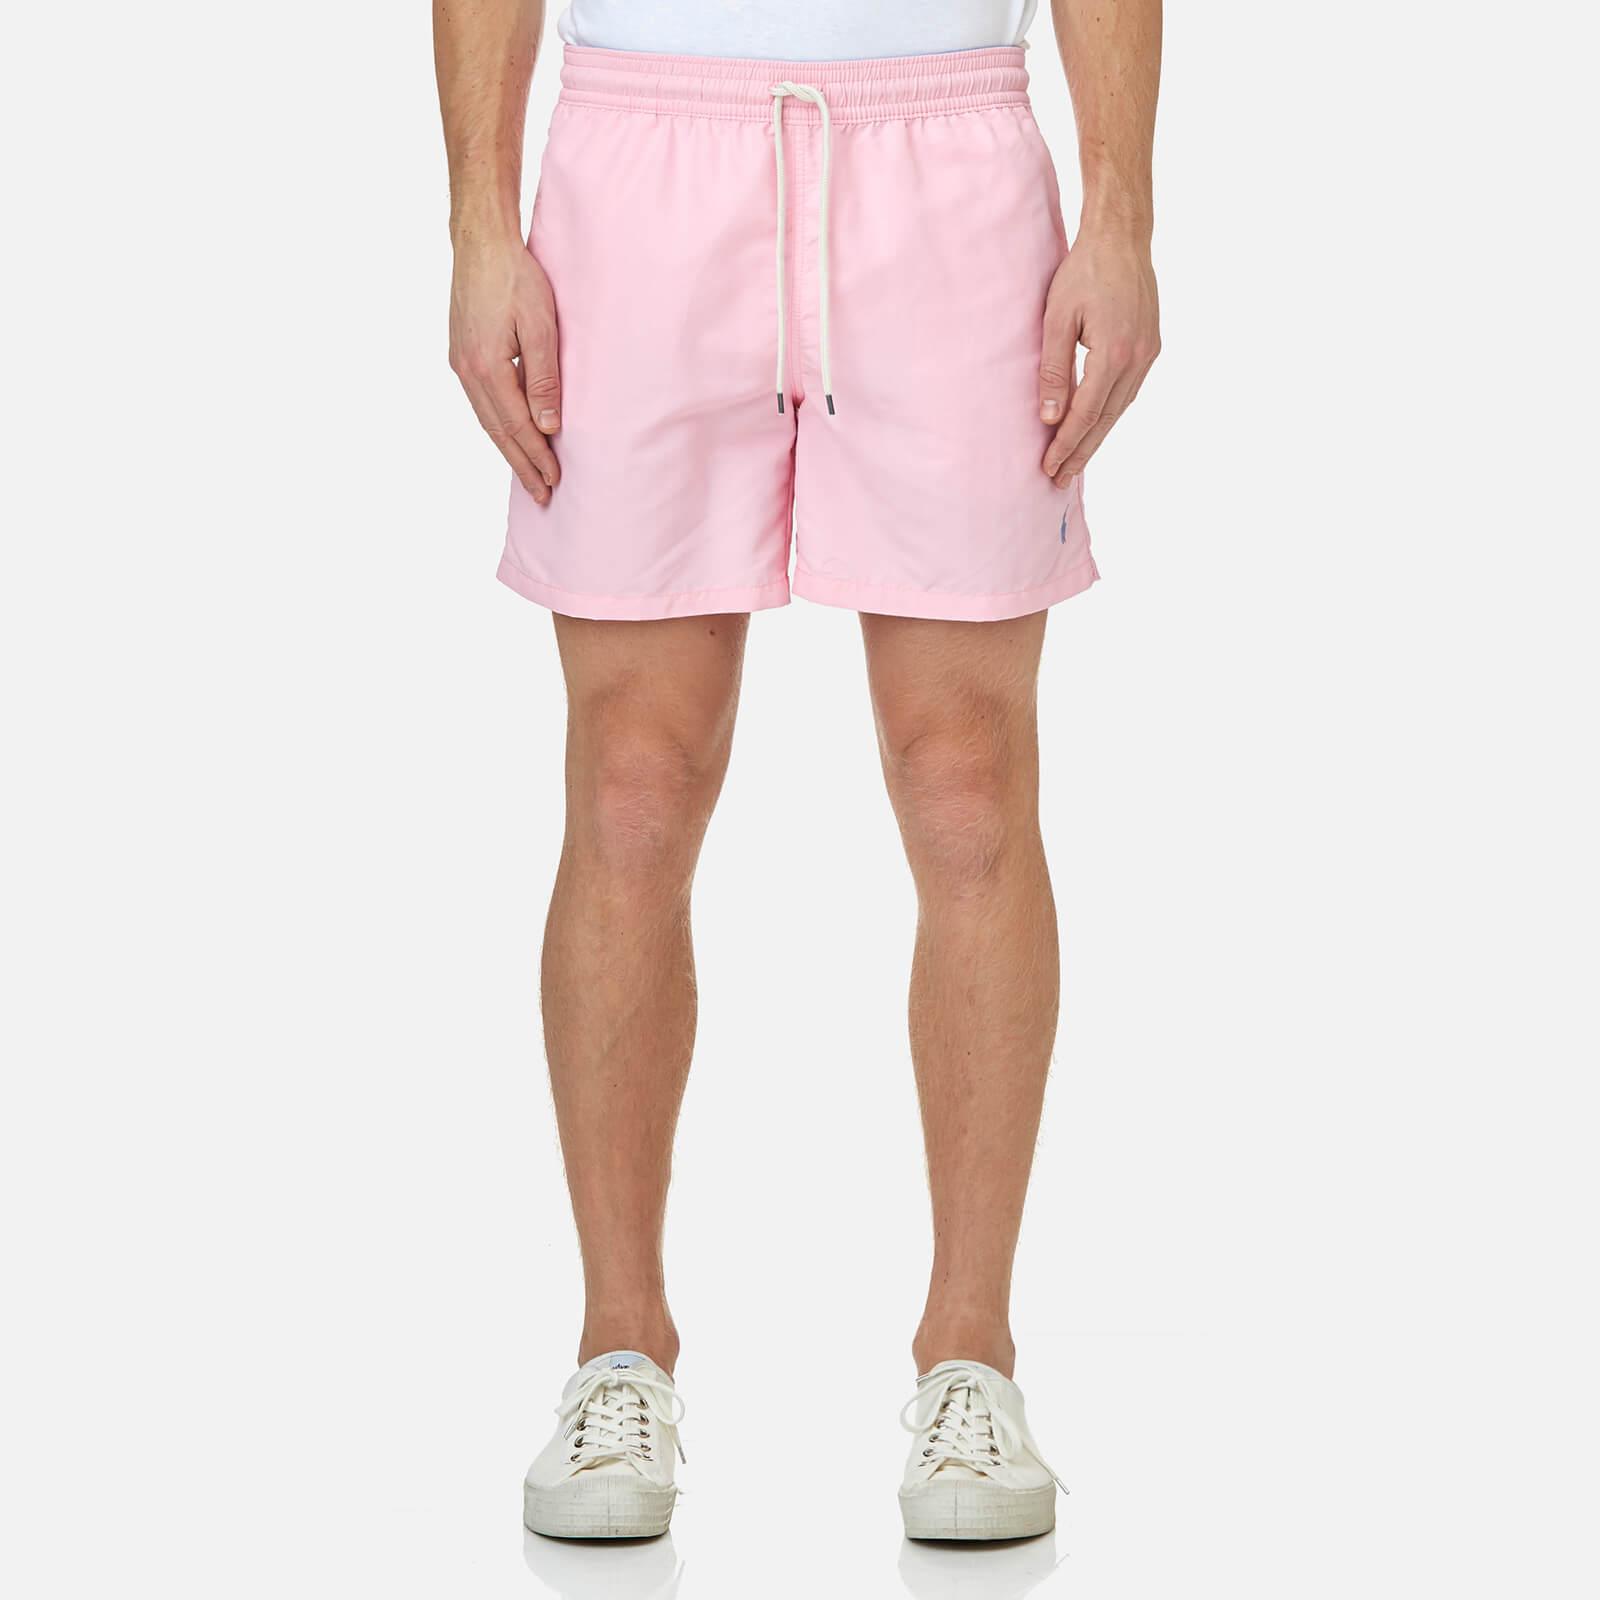 17242e1613 Polo Ralph Lauren Men's Traveler Swim Shorts - Carmel Pink - Free UK  Delivery over £50